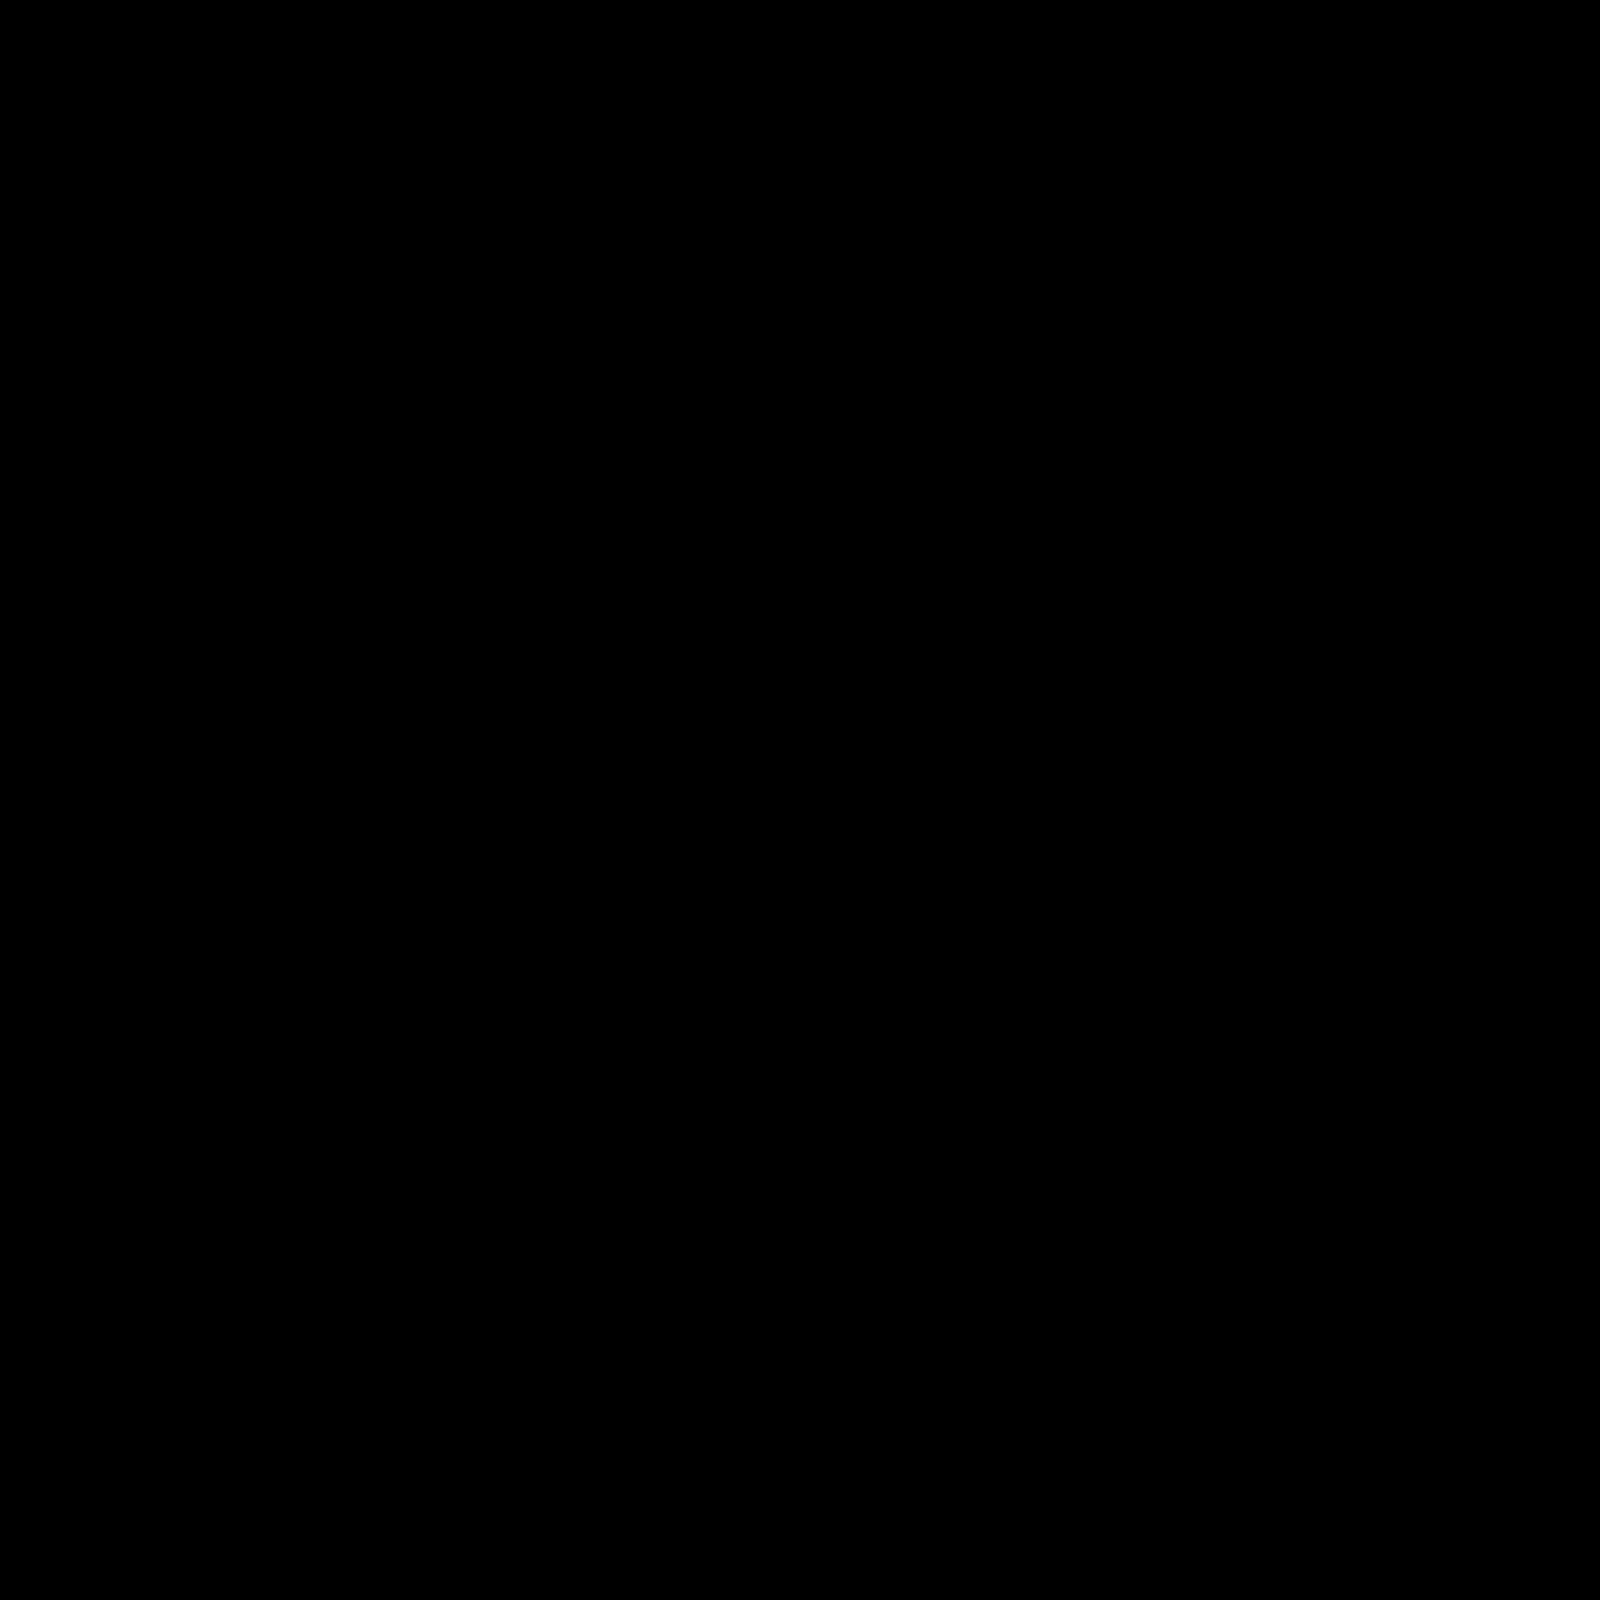 نمایشگر